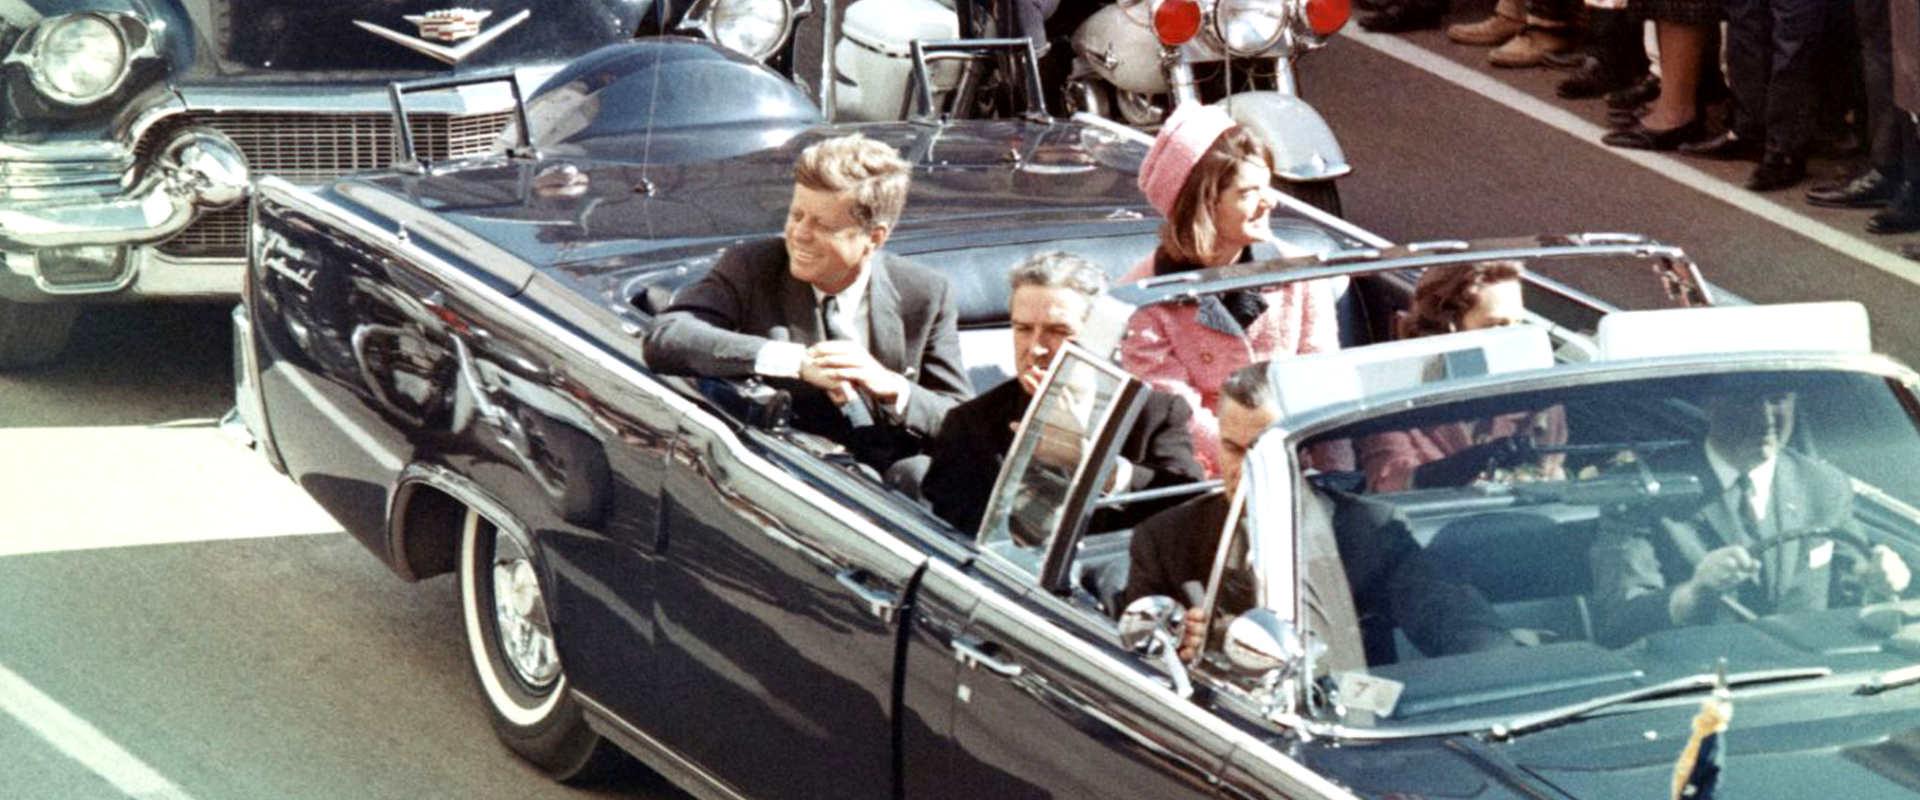 הלימוזינה של הנשיא קנדי ביום ההתנקשות